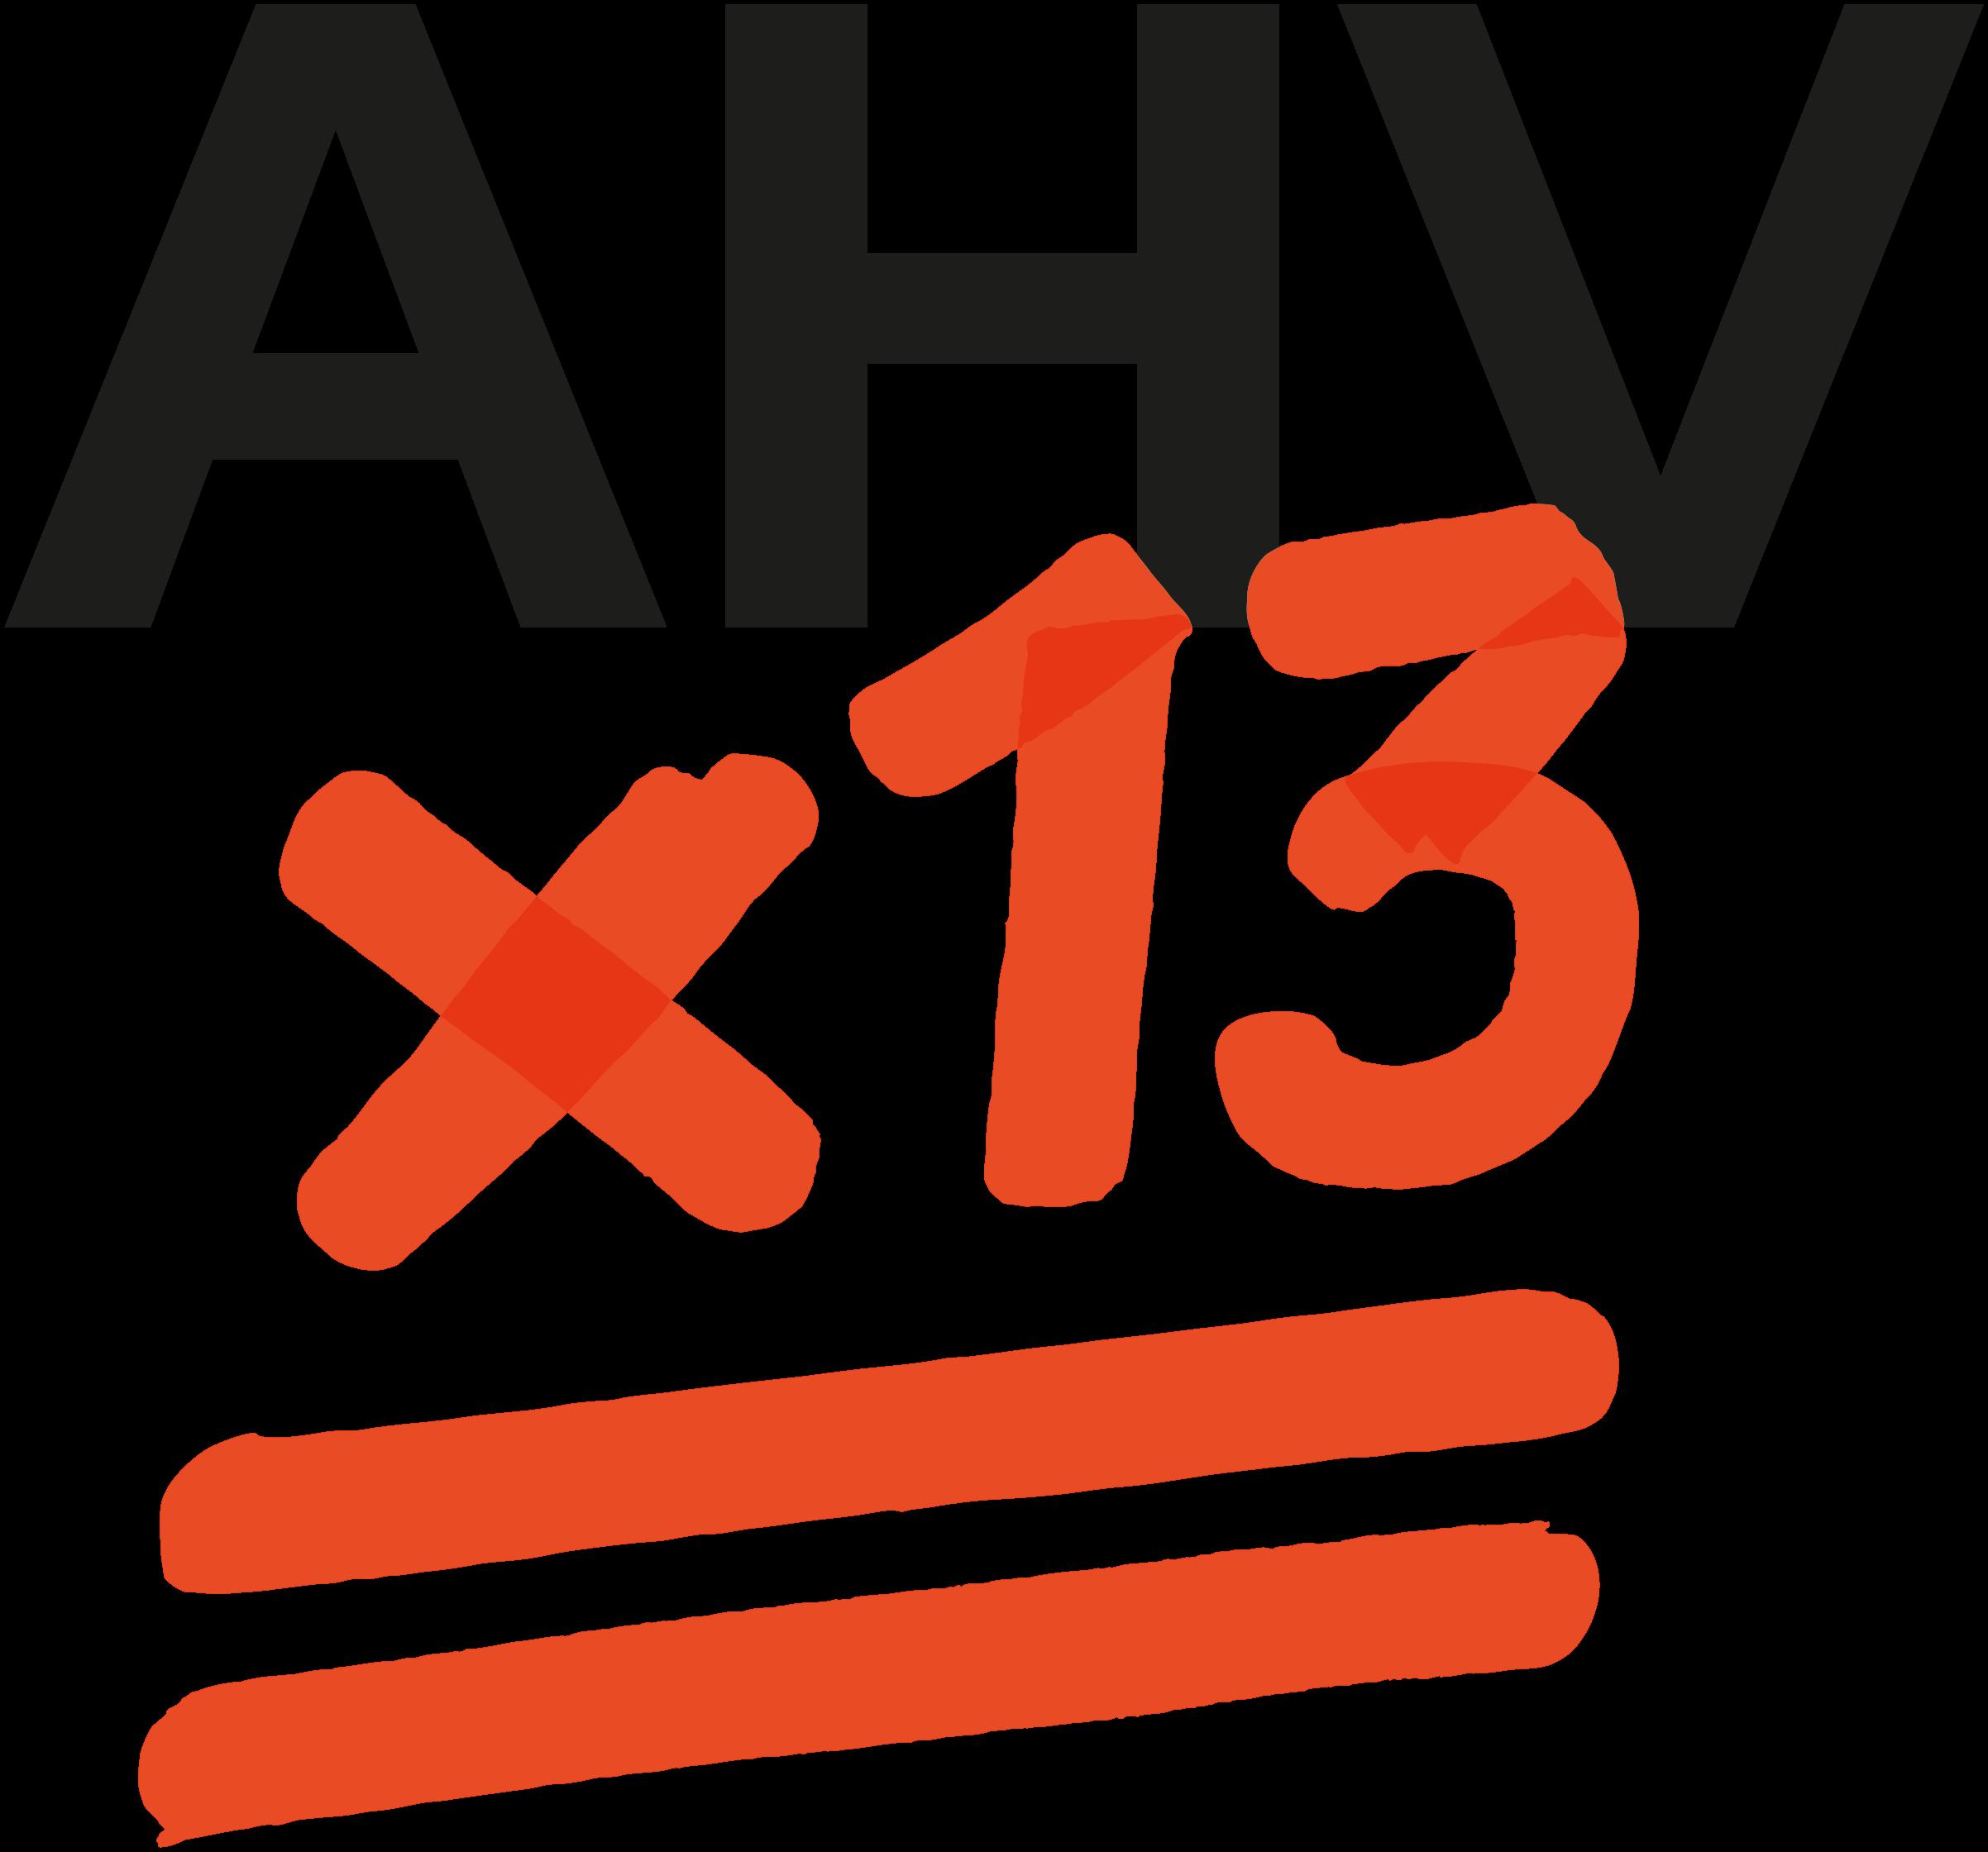 AVSx13